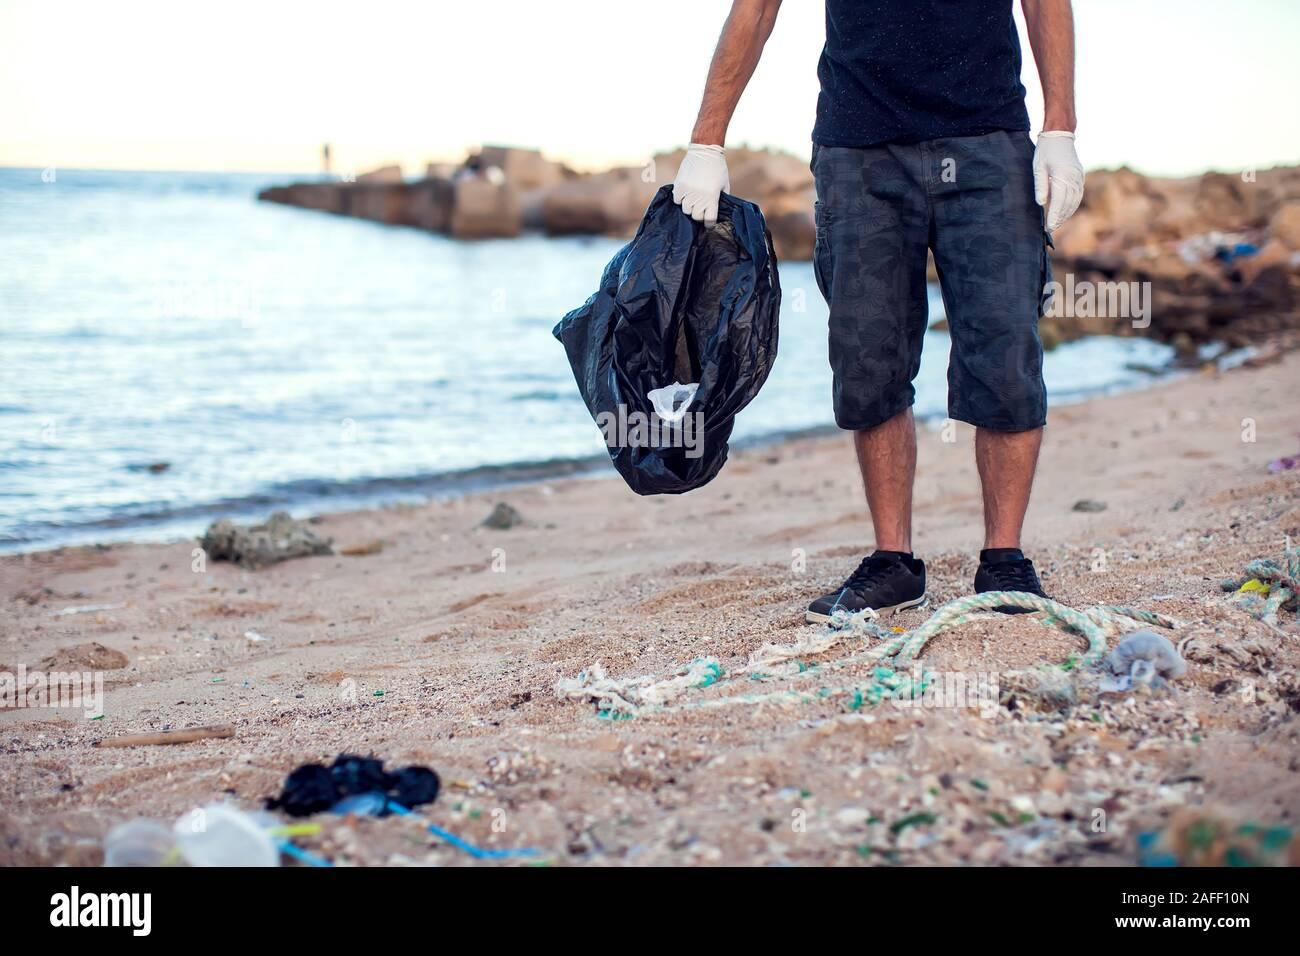 Mann in dunklem Shirt und Shorts mit weißen Handschuhen und großen schwarzen Paket Garbage Collecting am Strand. Umweltschutz und Planeten Verschmutzung co Stockfoto